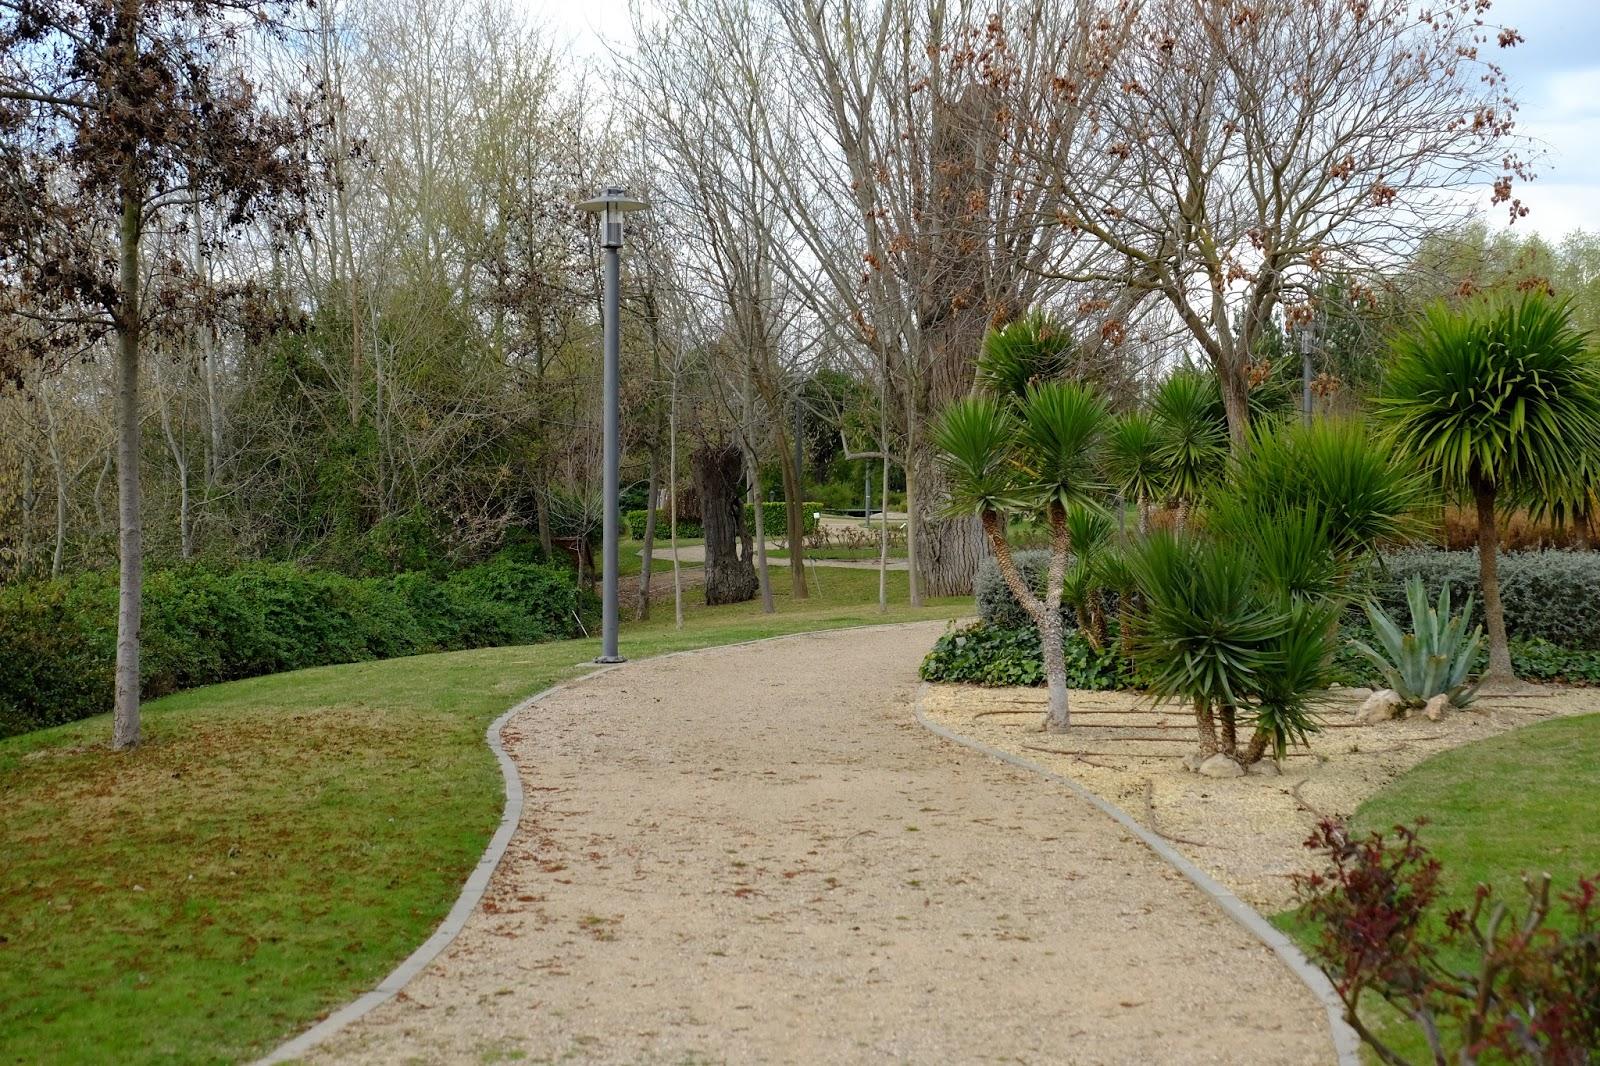 El autillo digital for Actividades en el jardin botanico de caguas